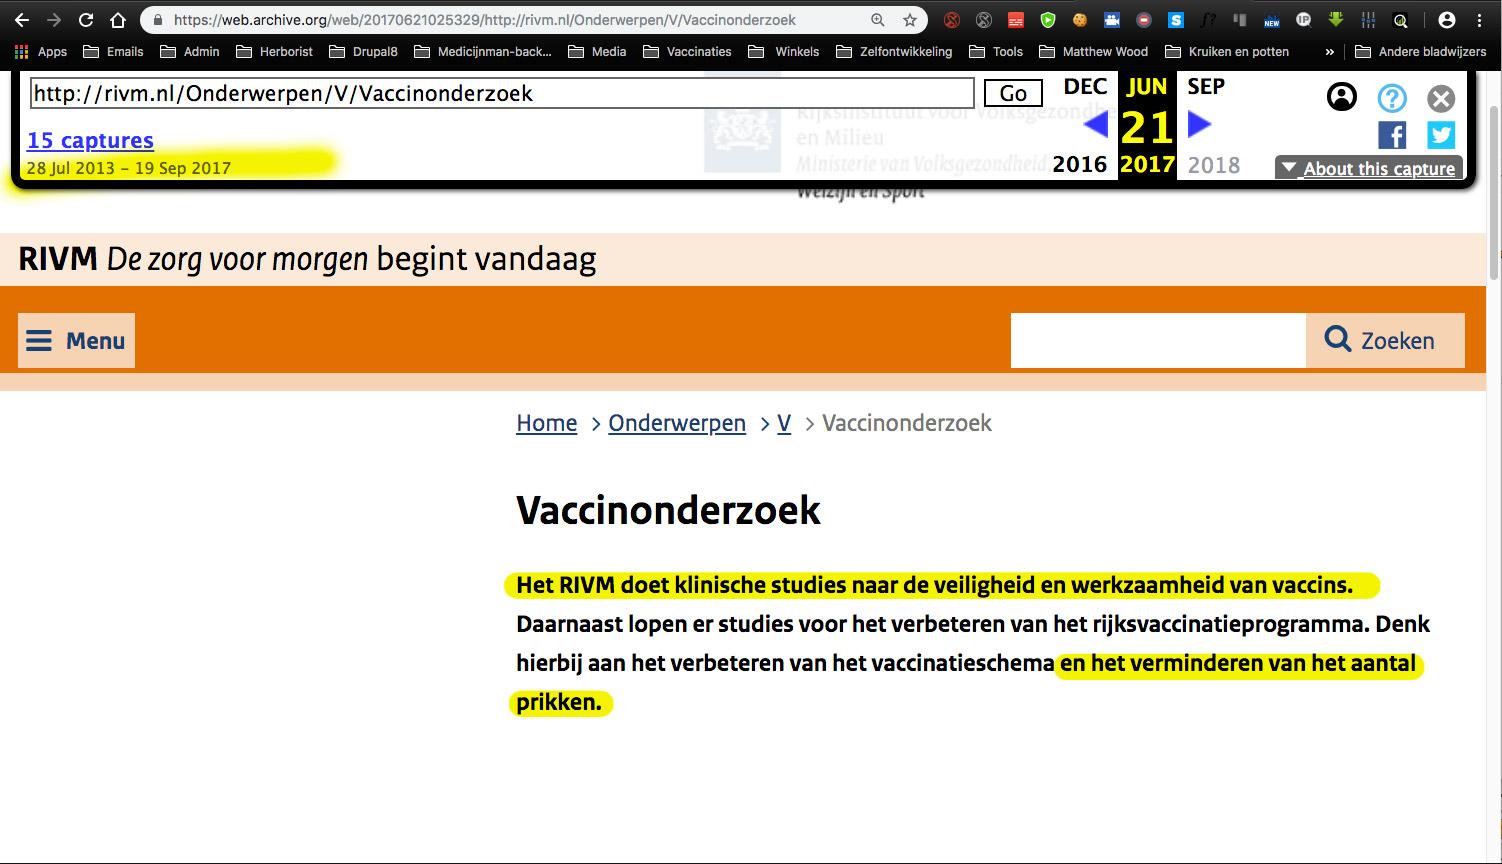 RIVM doet klinisch onderzoek naar de veiligheid van Vaccinaties (20130 website tekst